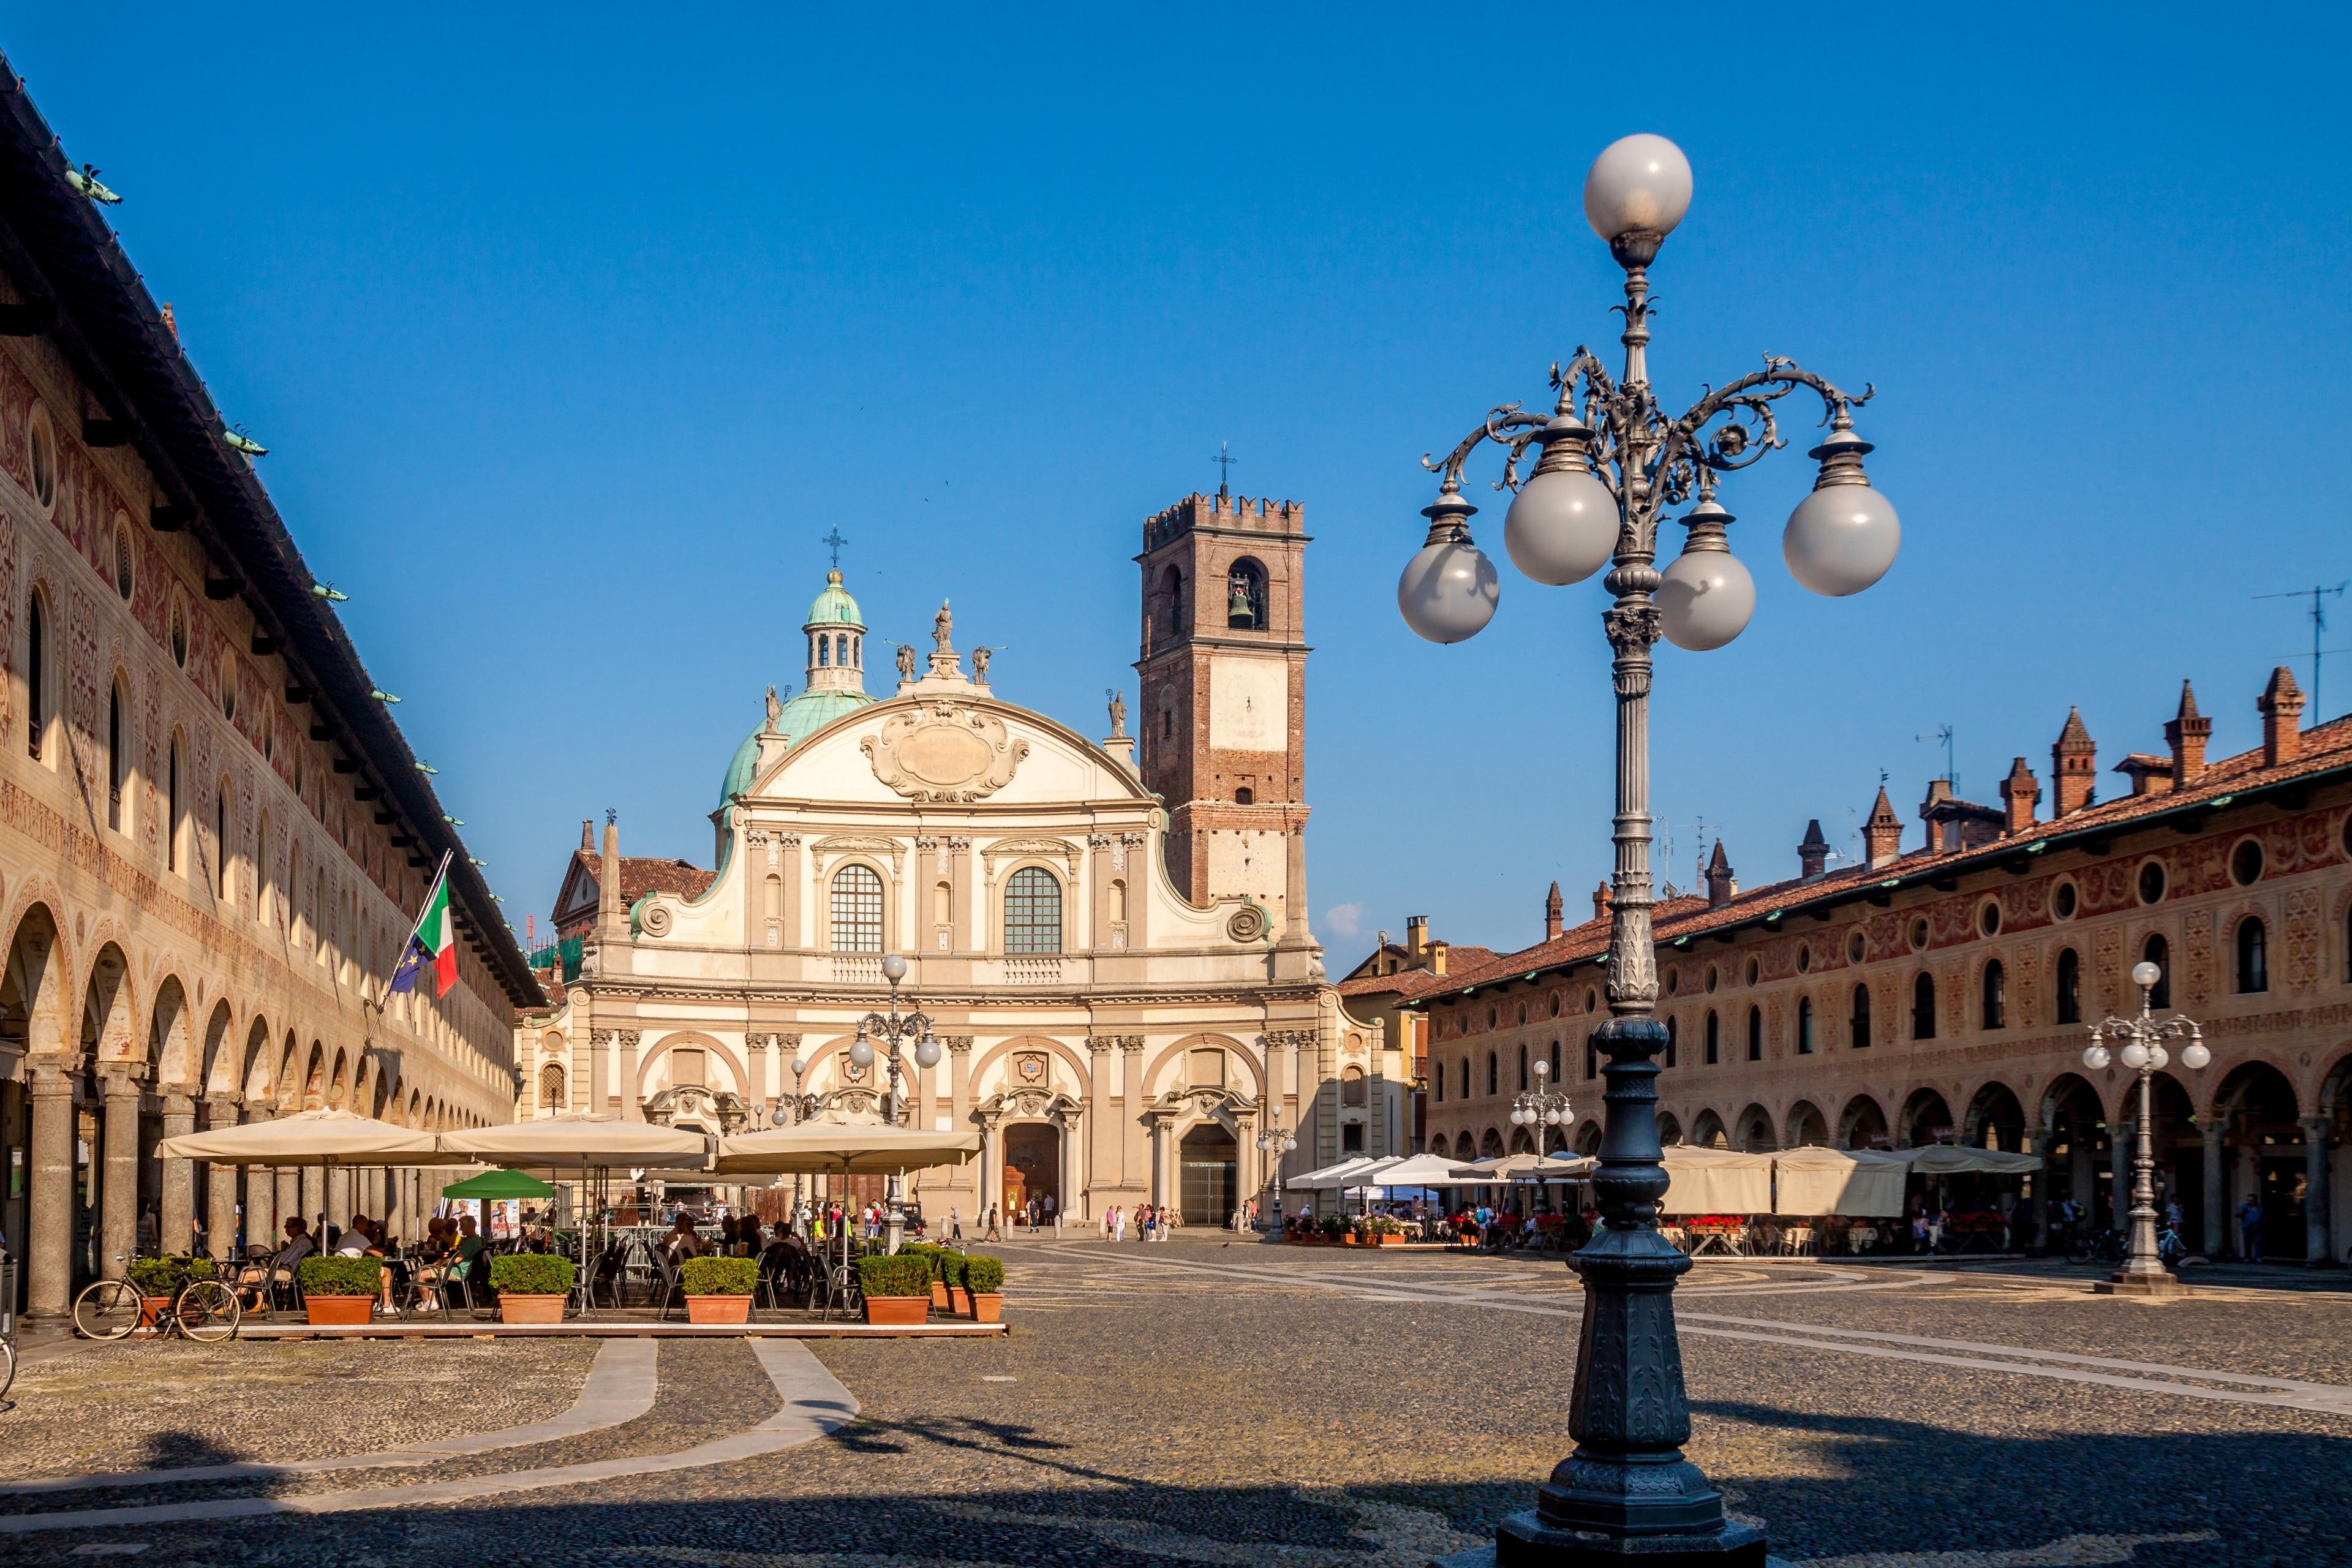 Pavia (provincia), Lombardia, Italia